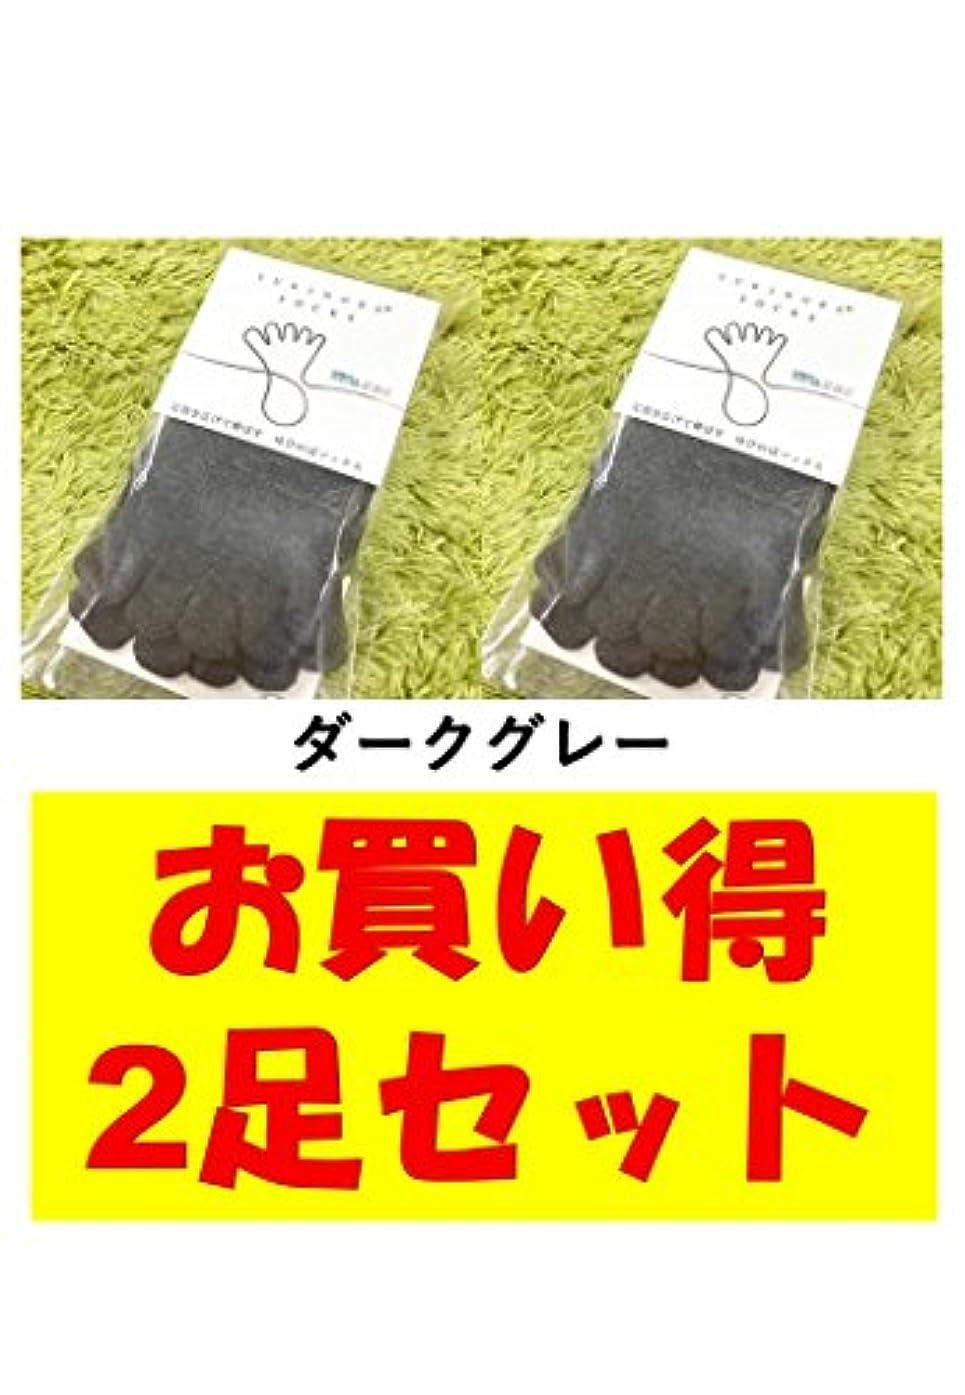 拒否盗難あいまいお買い得2足セット 5本指 ゆびのばソックス ゆびのばレギュラー ダークグレー 女性用 22.0cm-25.5cm HSREGR-DGL